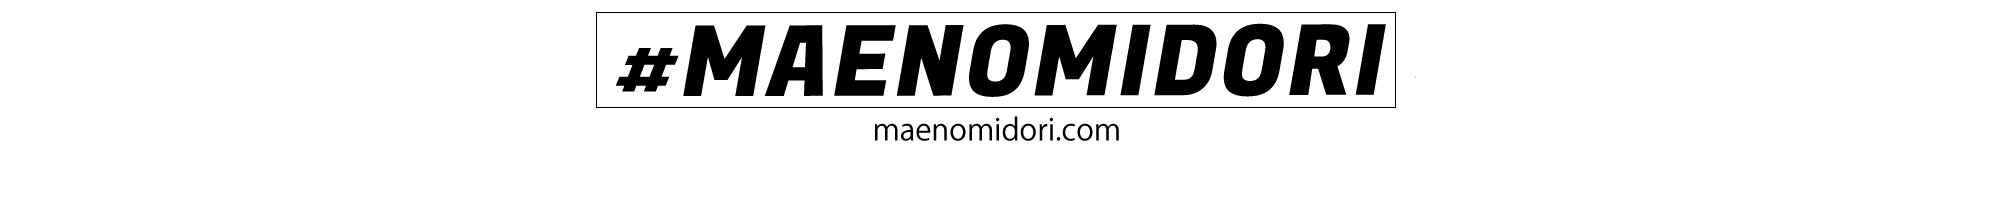 マエノミドリ OFFICIAL WEBSITE